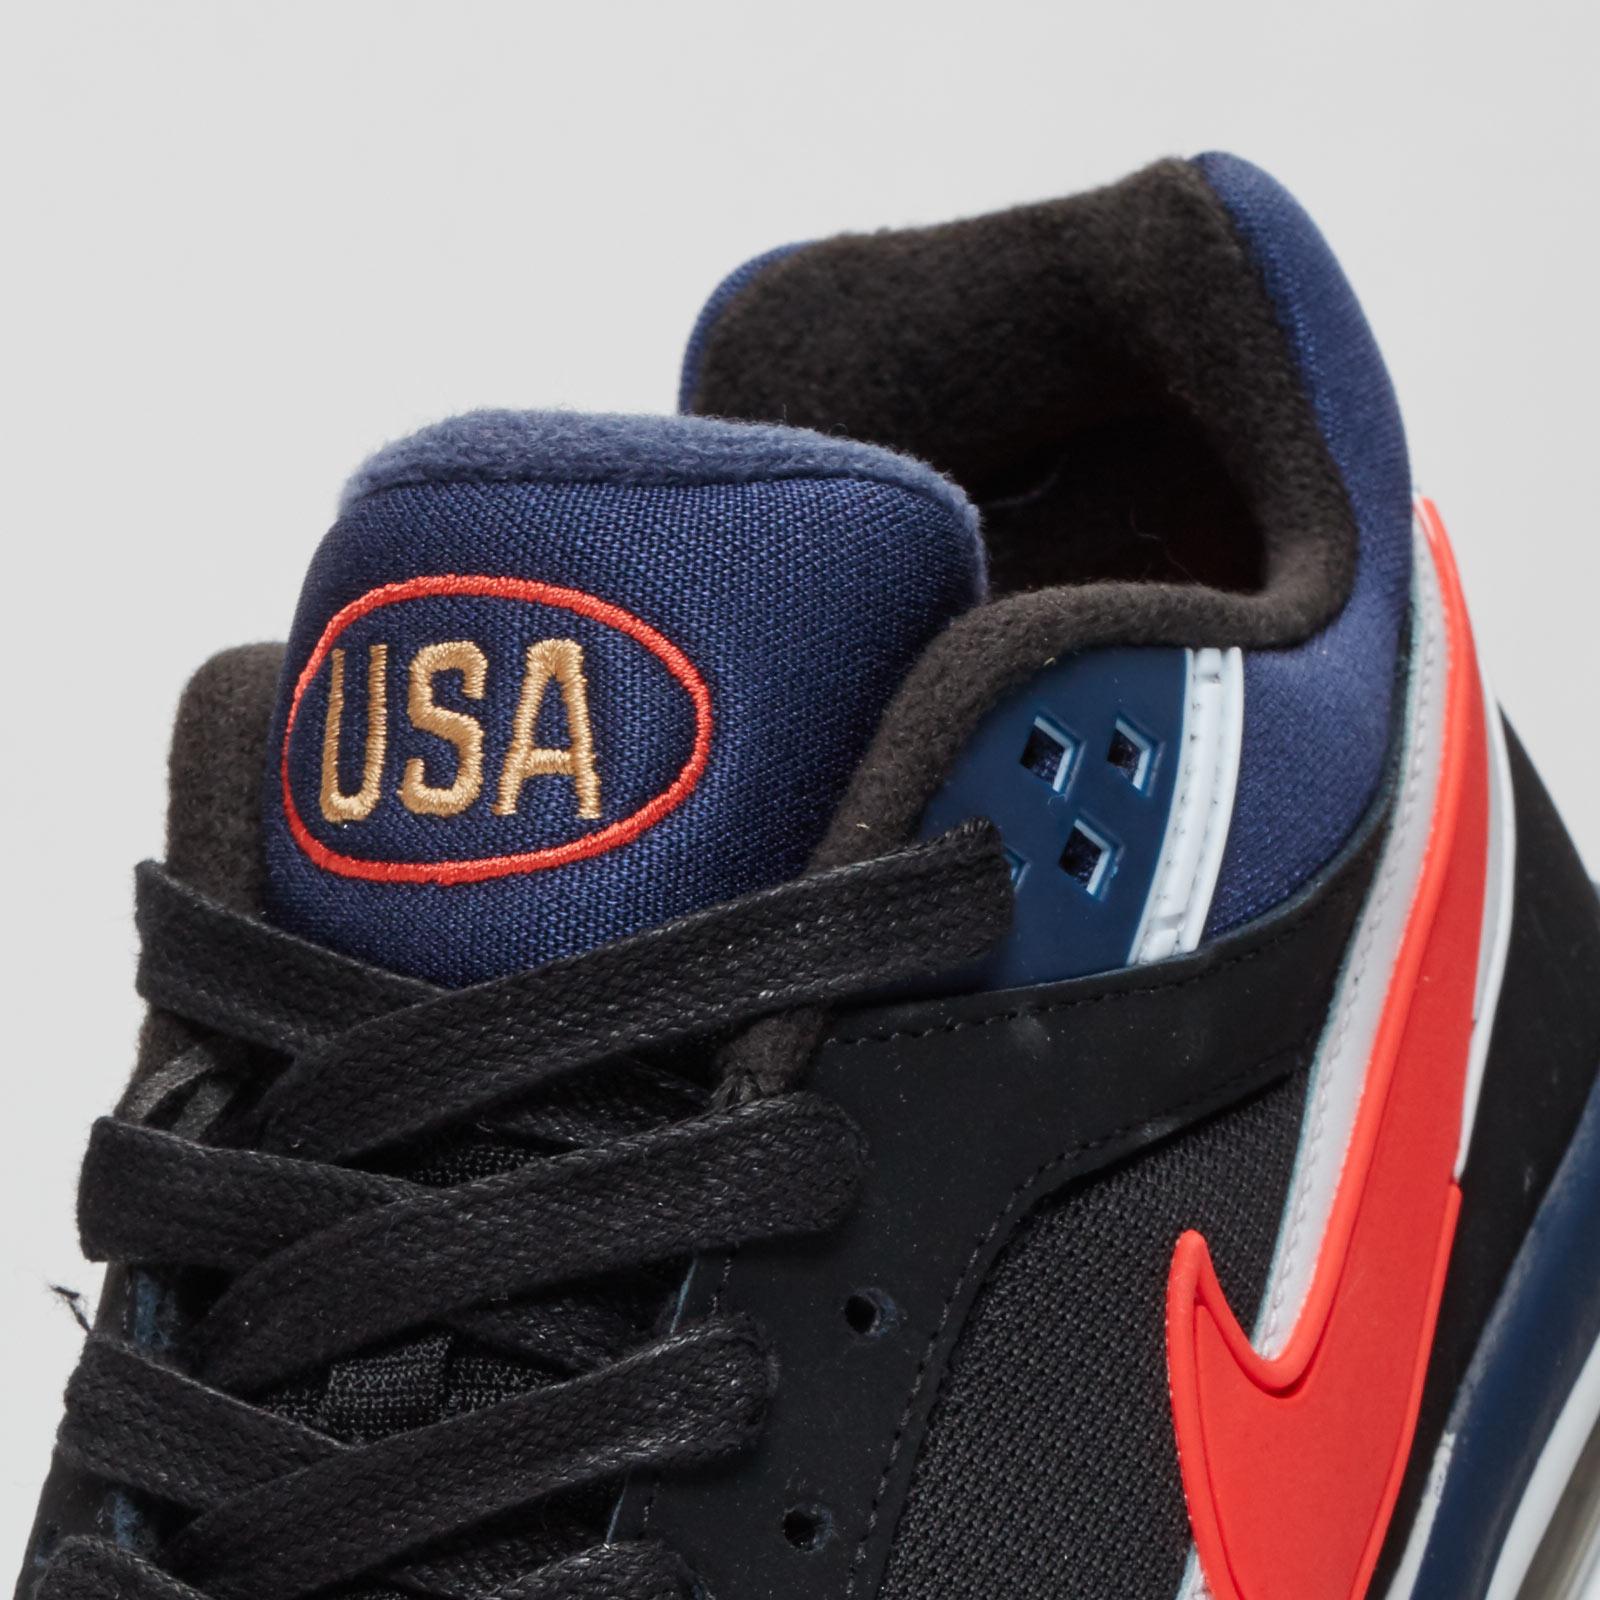 8c7747bd8 Nike Air Max BW Premium - 819523-064 - Sneakersnstuff